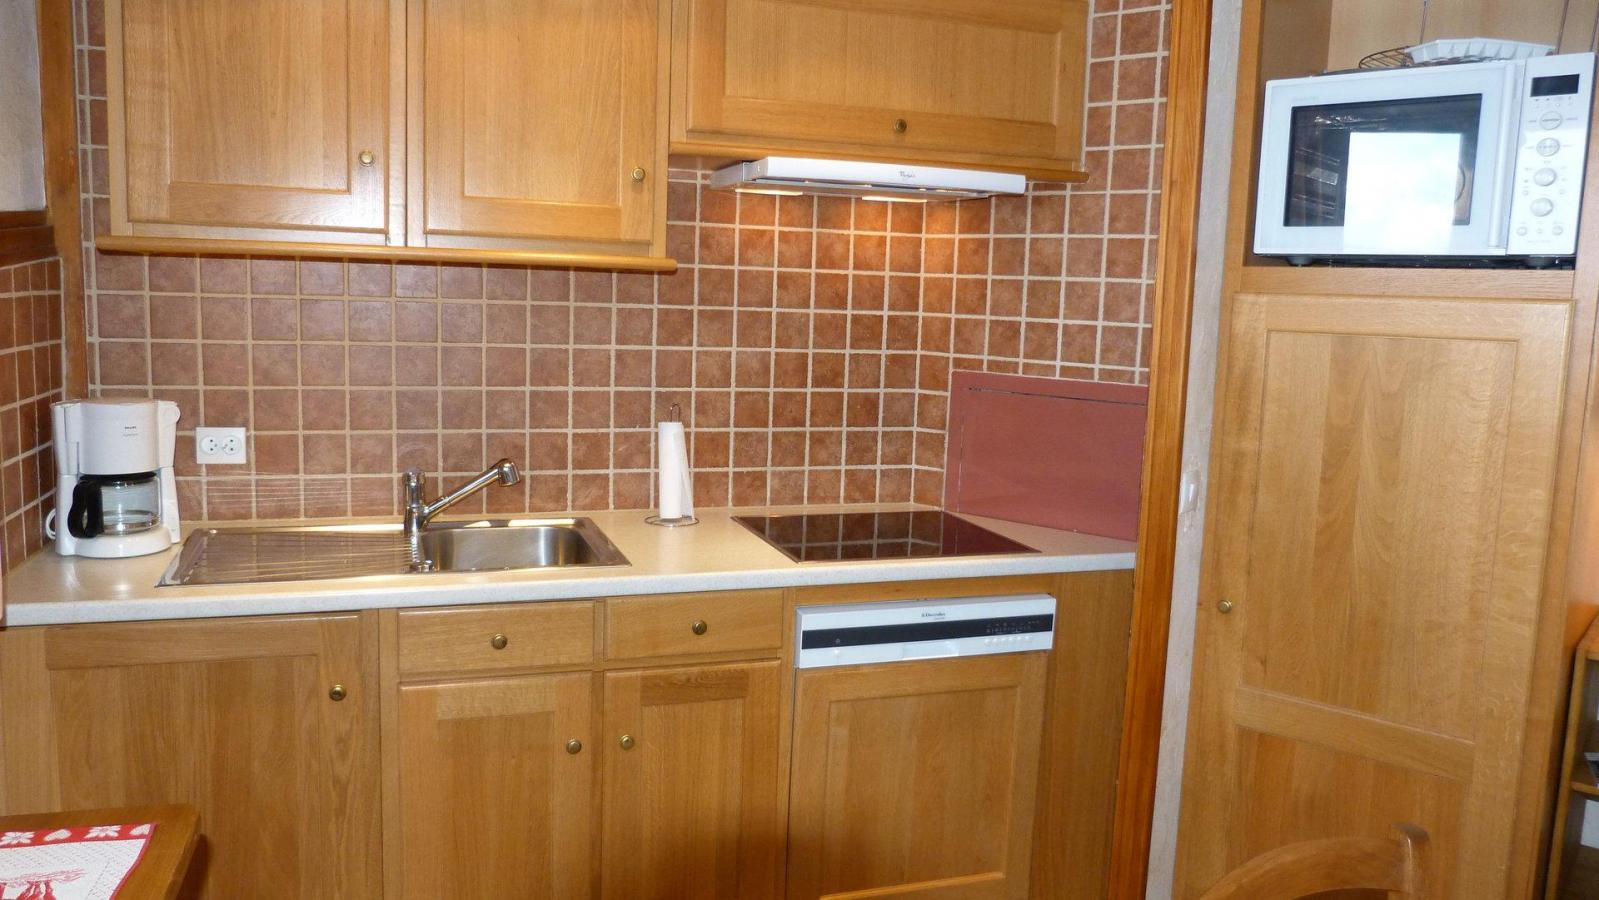 Location au ski Appartement 3 pièces 6 personnes (907) - Residence Le Ruitor - Les Arcs - Extérieur hiver